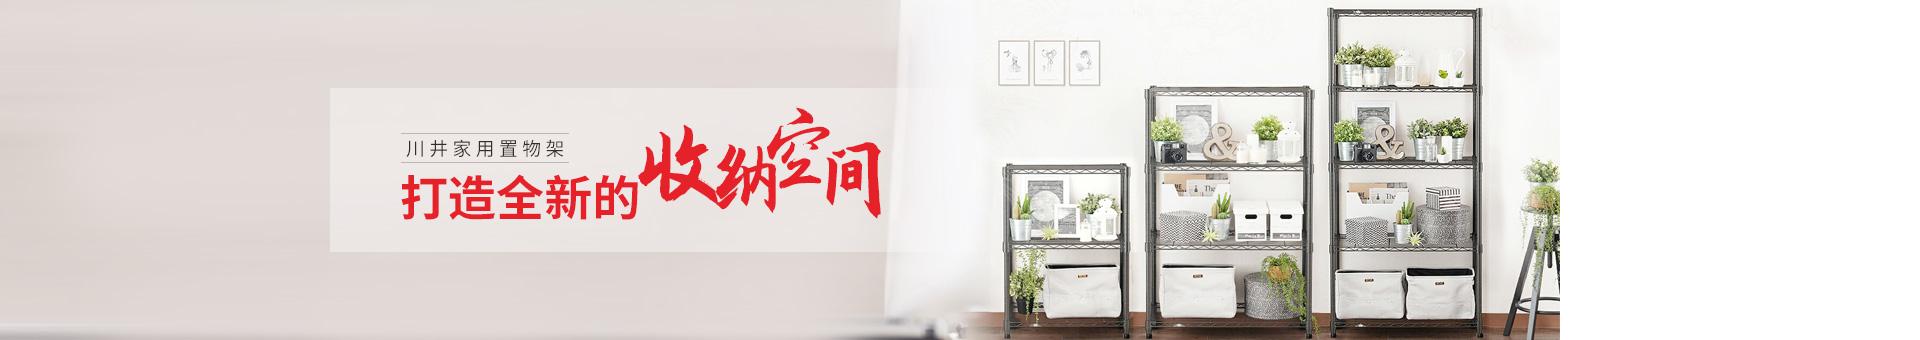 川井家用置物架 为您打造全新的生活空间